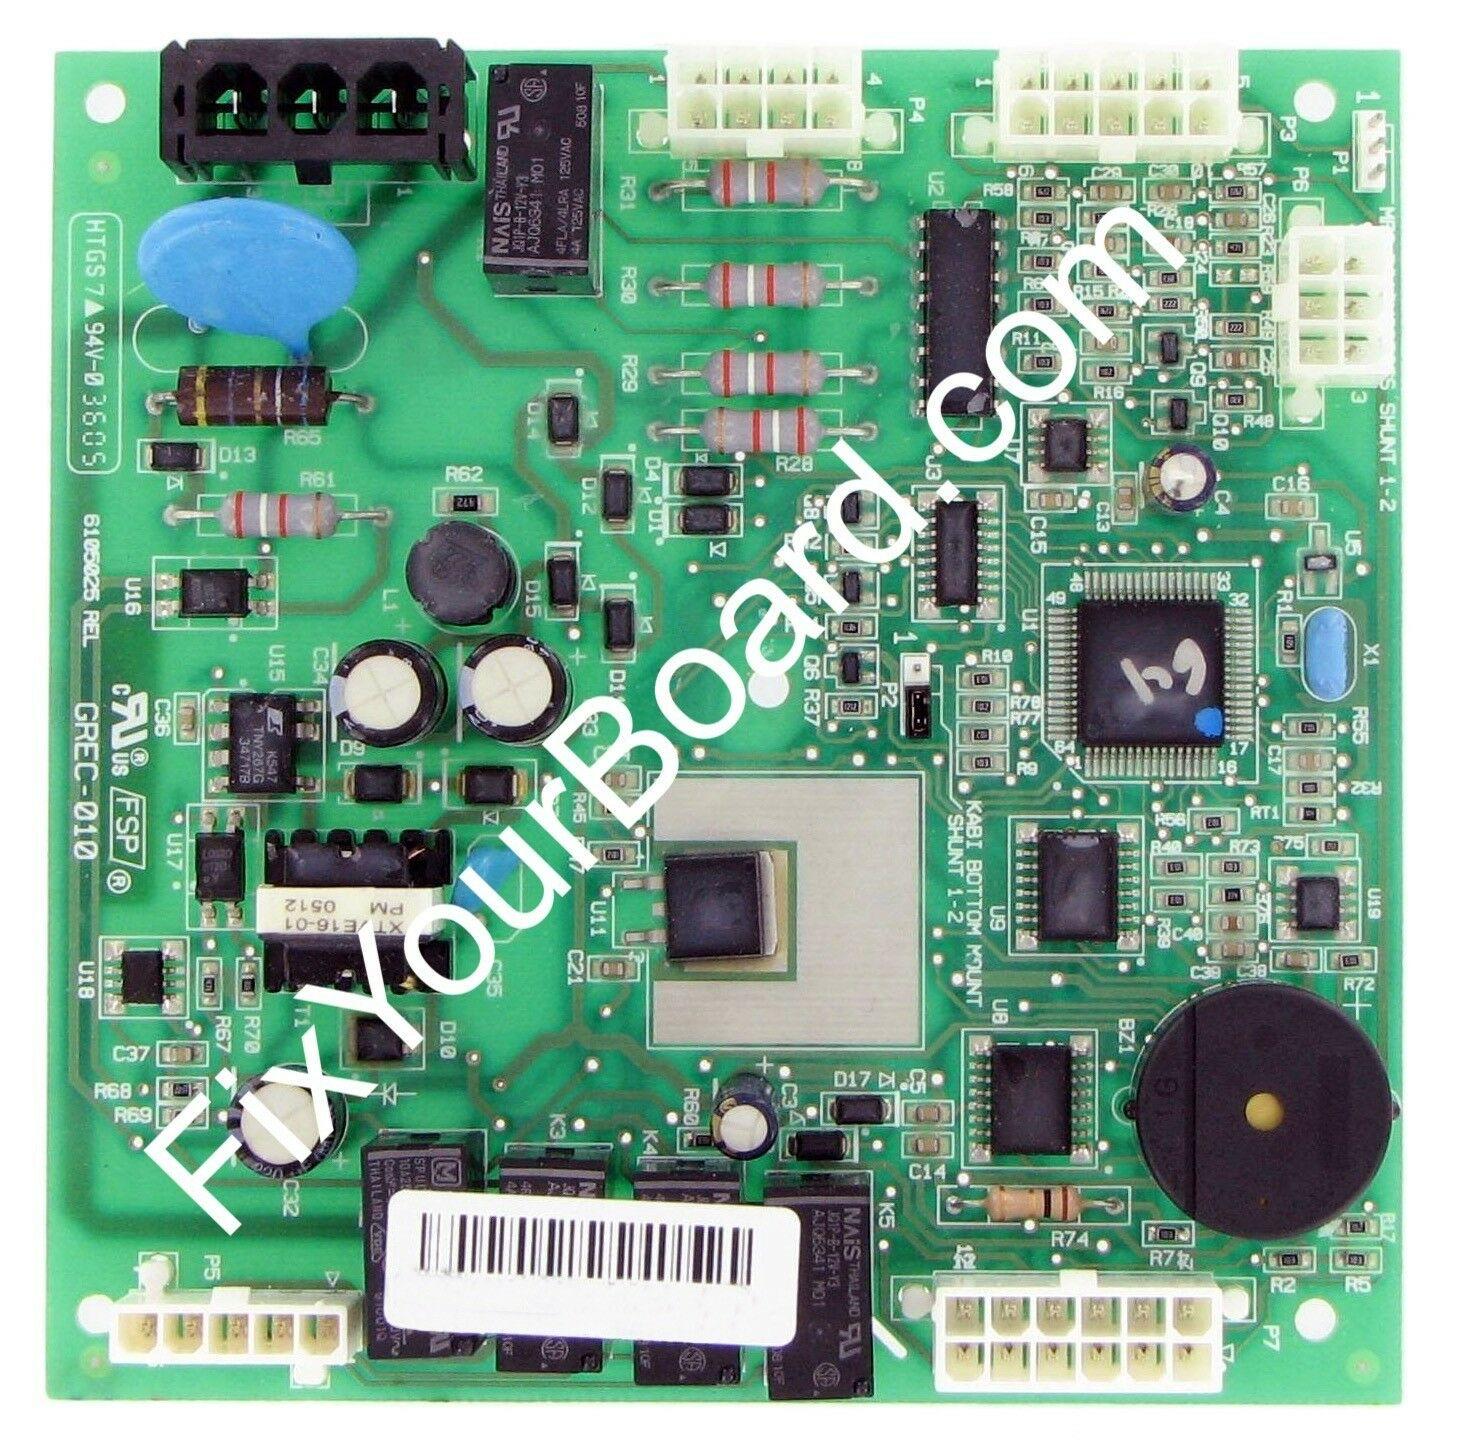 Kitchenaid Whirlpool Refrigerator Control W10185291 wpW10185291 NEW MICROCHIP